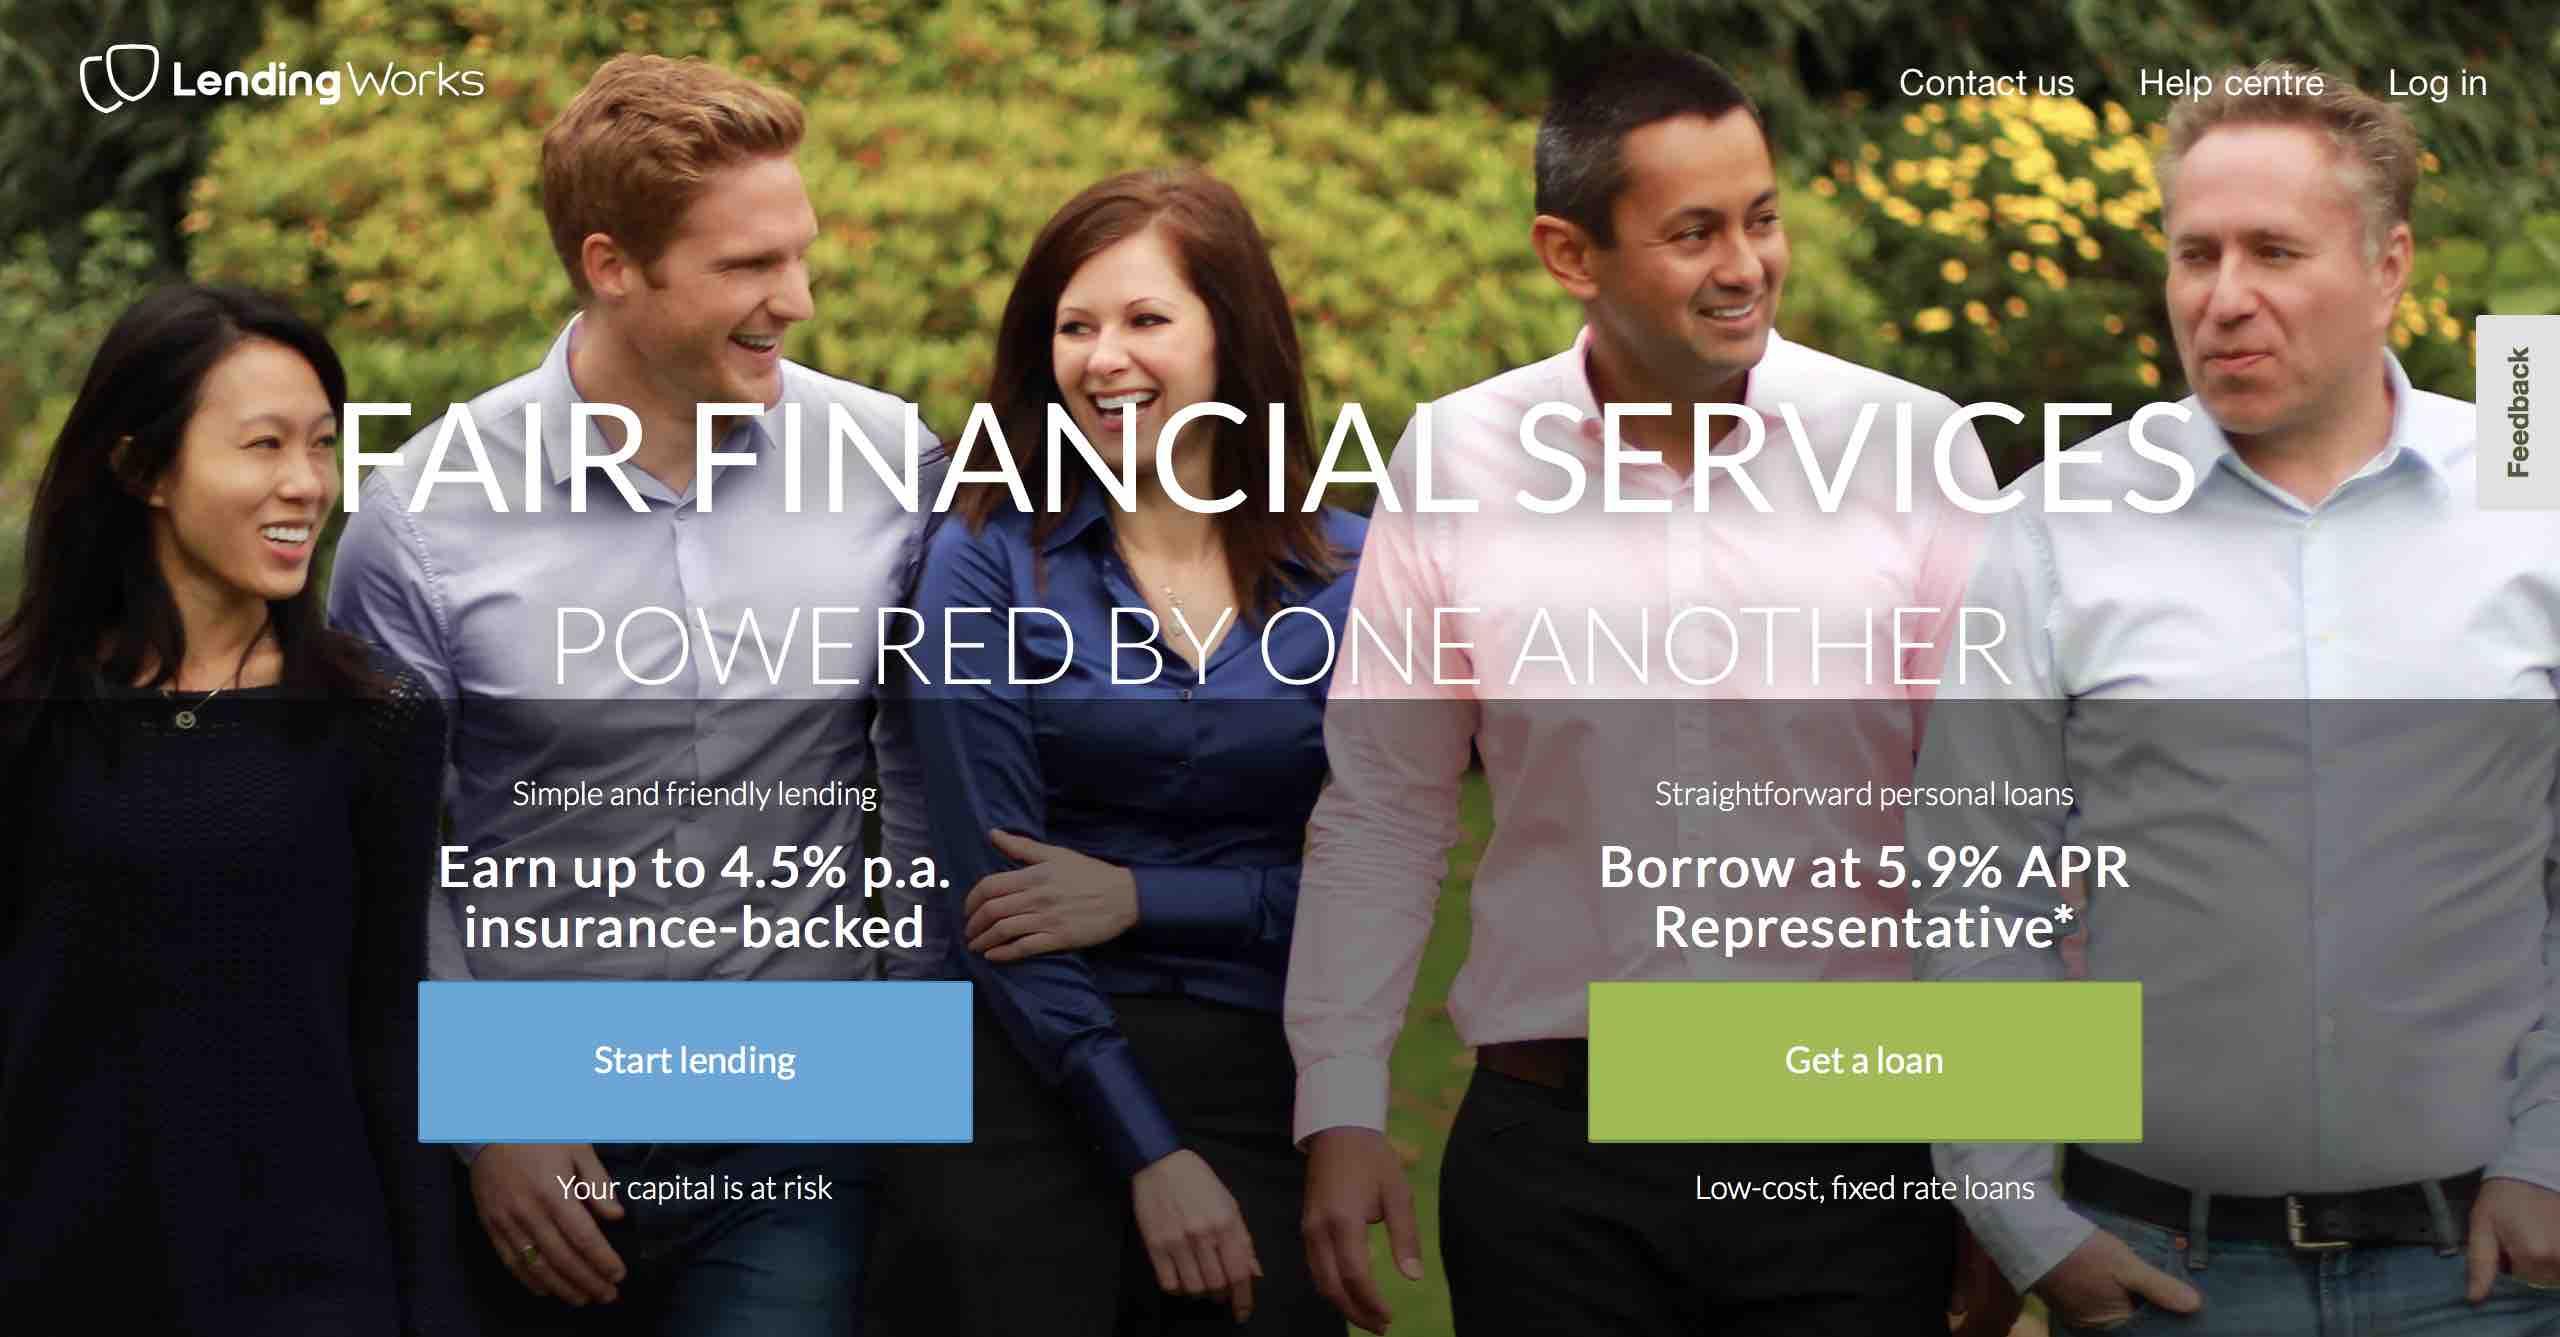 Revolut Lending Works prepaid kártya és hitel